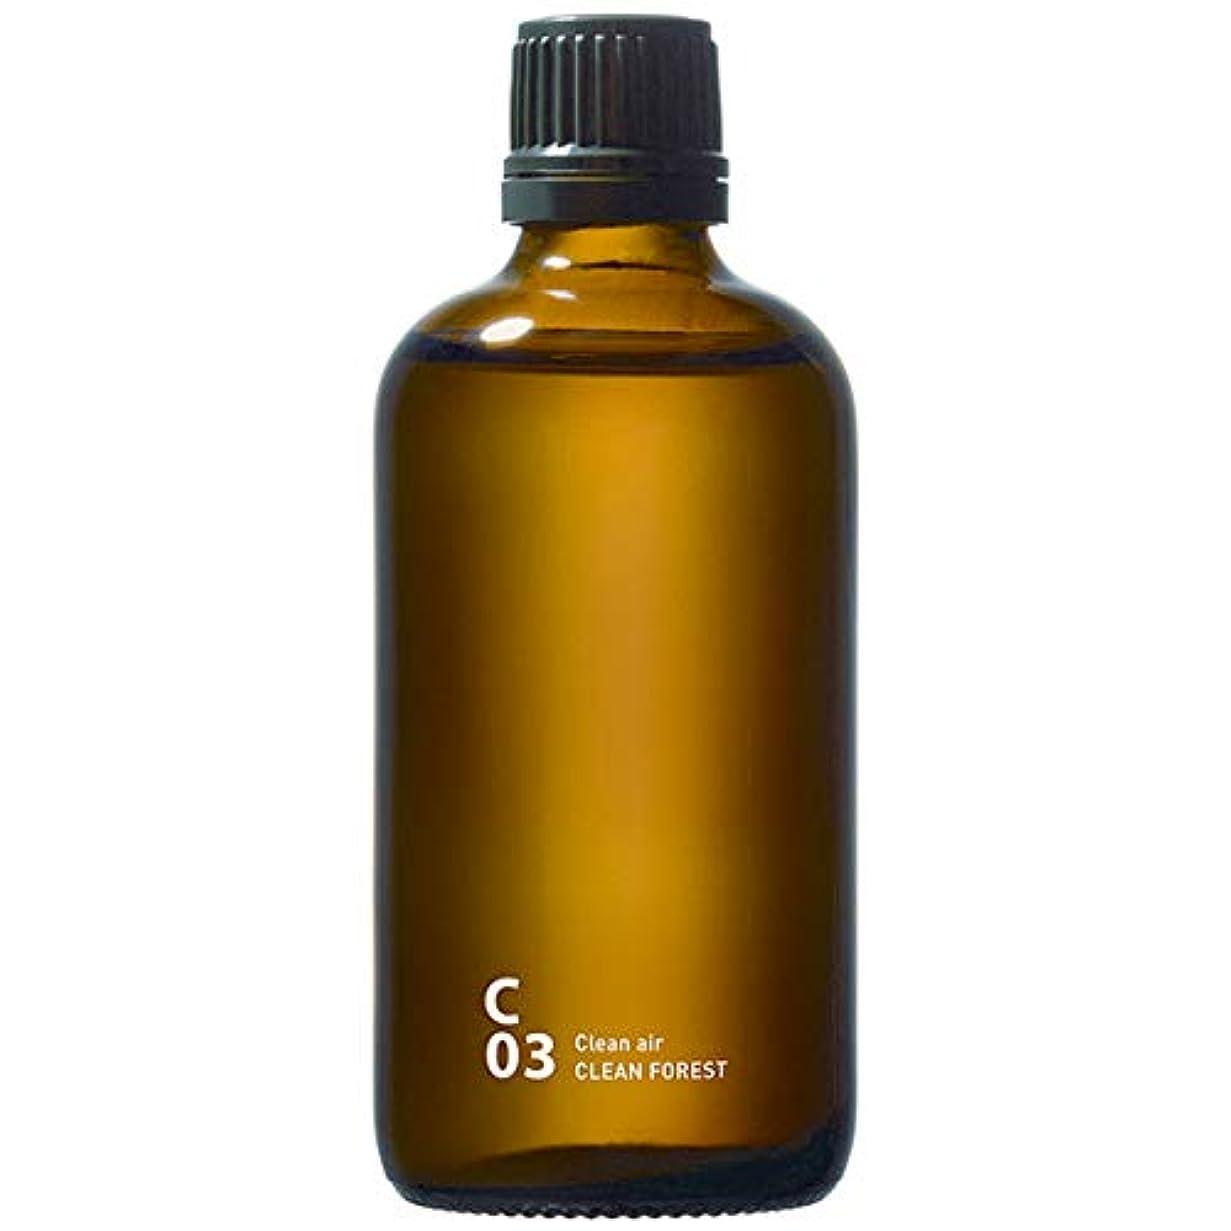 デコレーション身元罪悪感C03 CLEAN FOREST piezo aroma oil 100ml